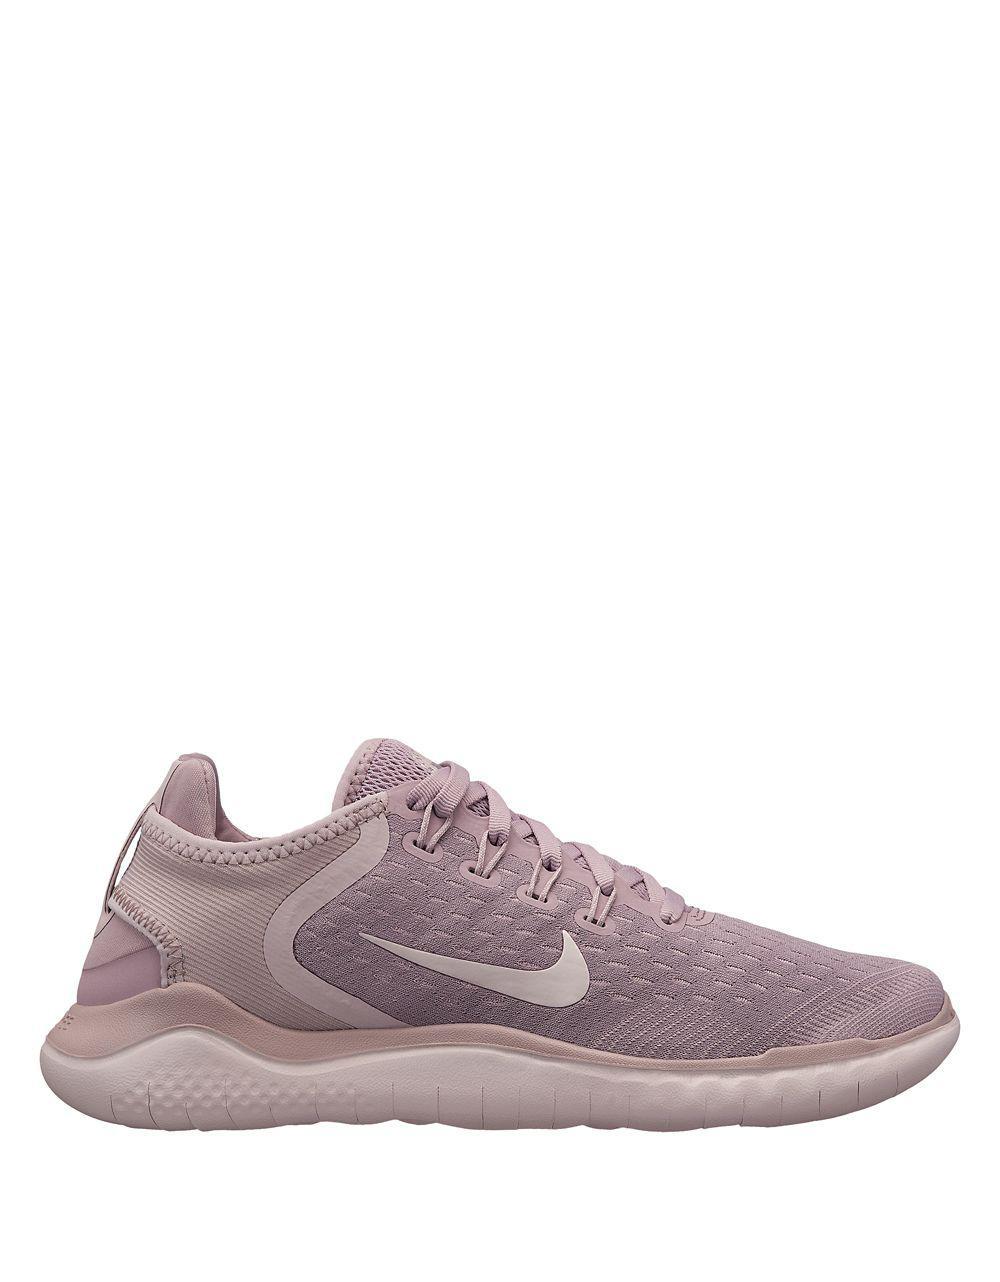 9be8add83e6fe Nike. Women s Free Run Dynamic Sneakers